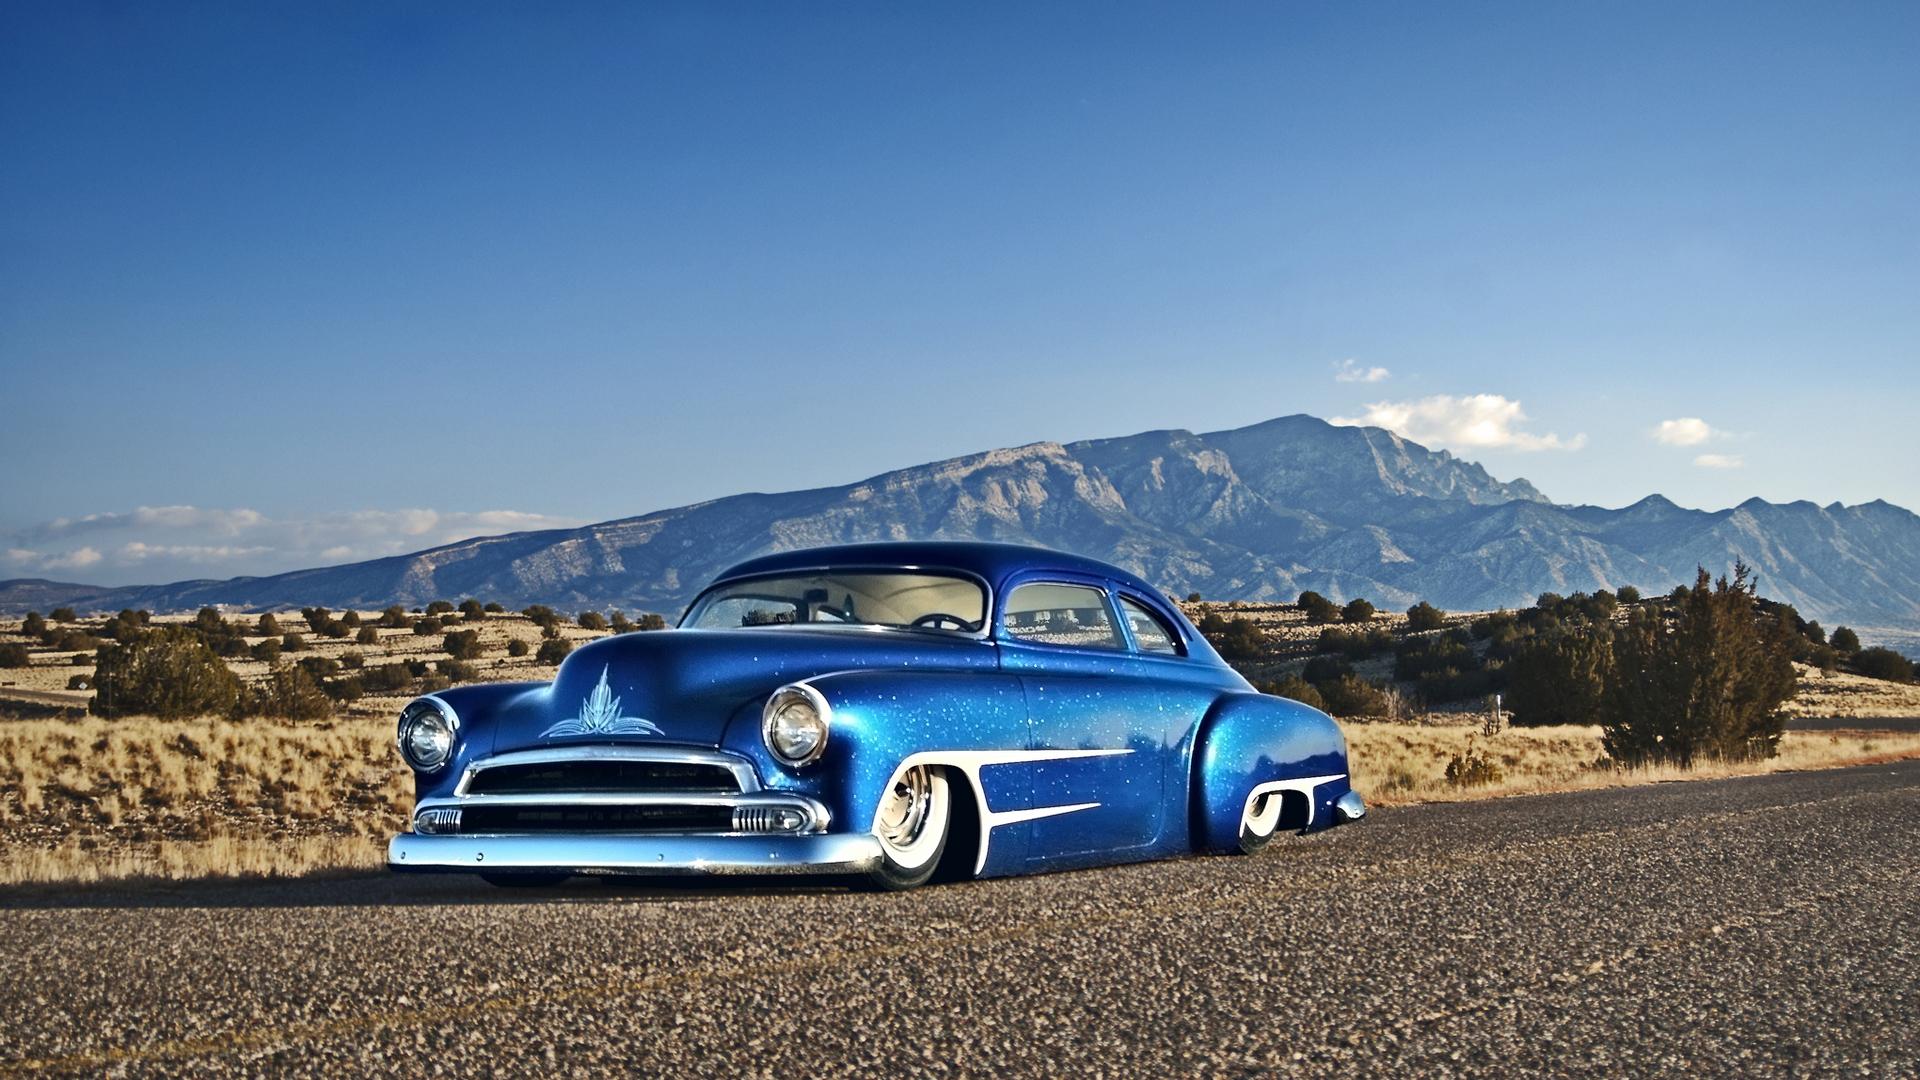 Ретро автомобиль синий без смс